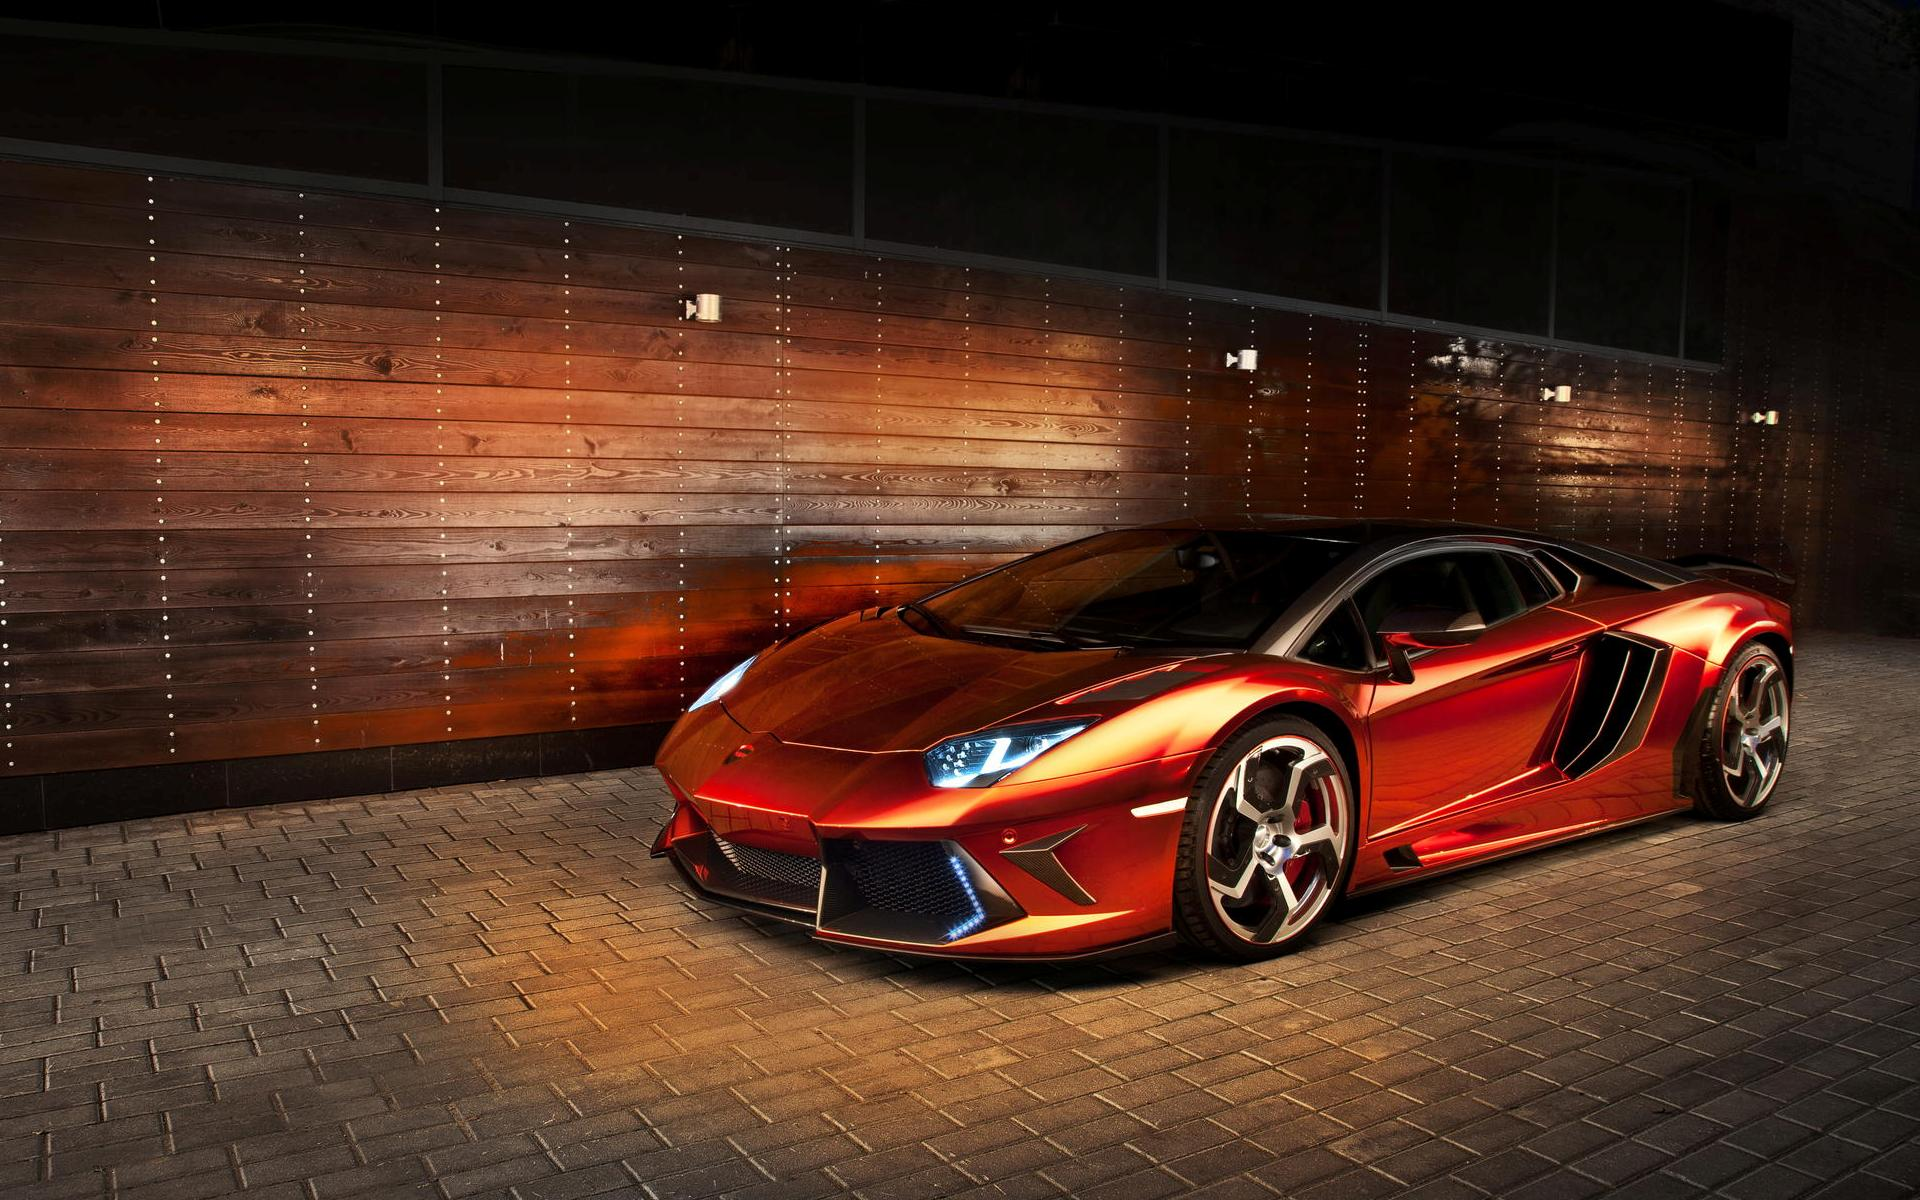 Lamborghini Aventador Tuning Car Wallpapers 1920x1200